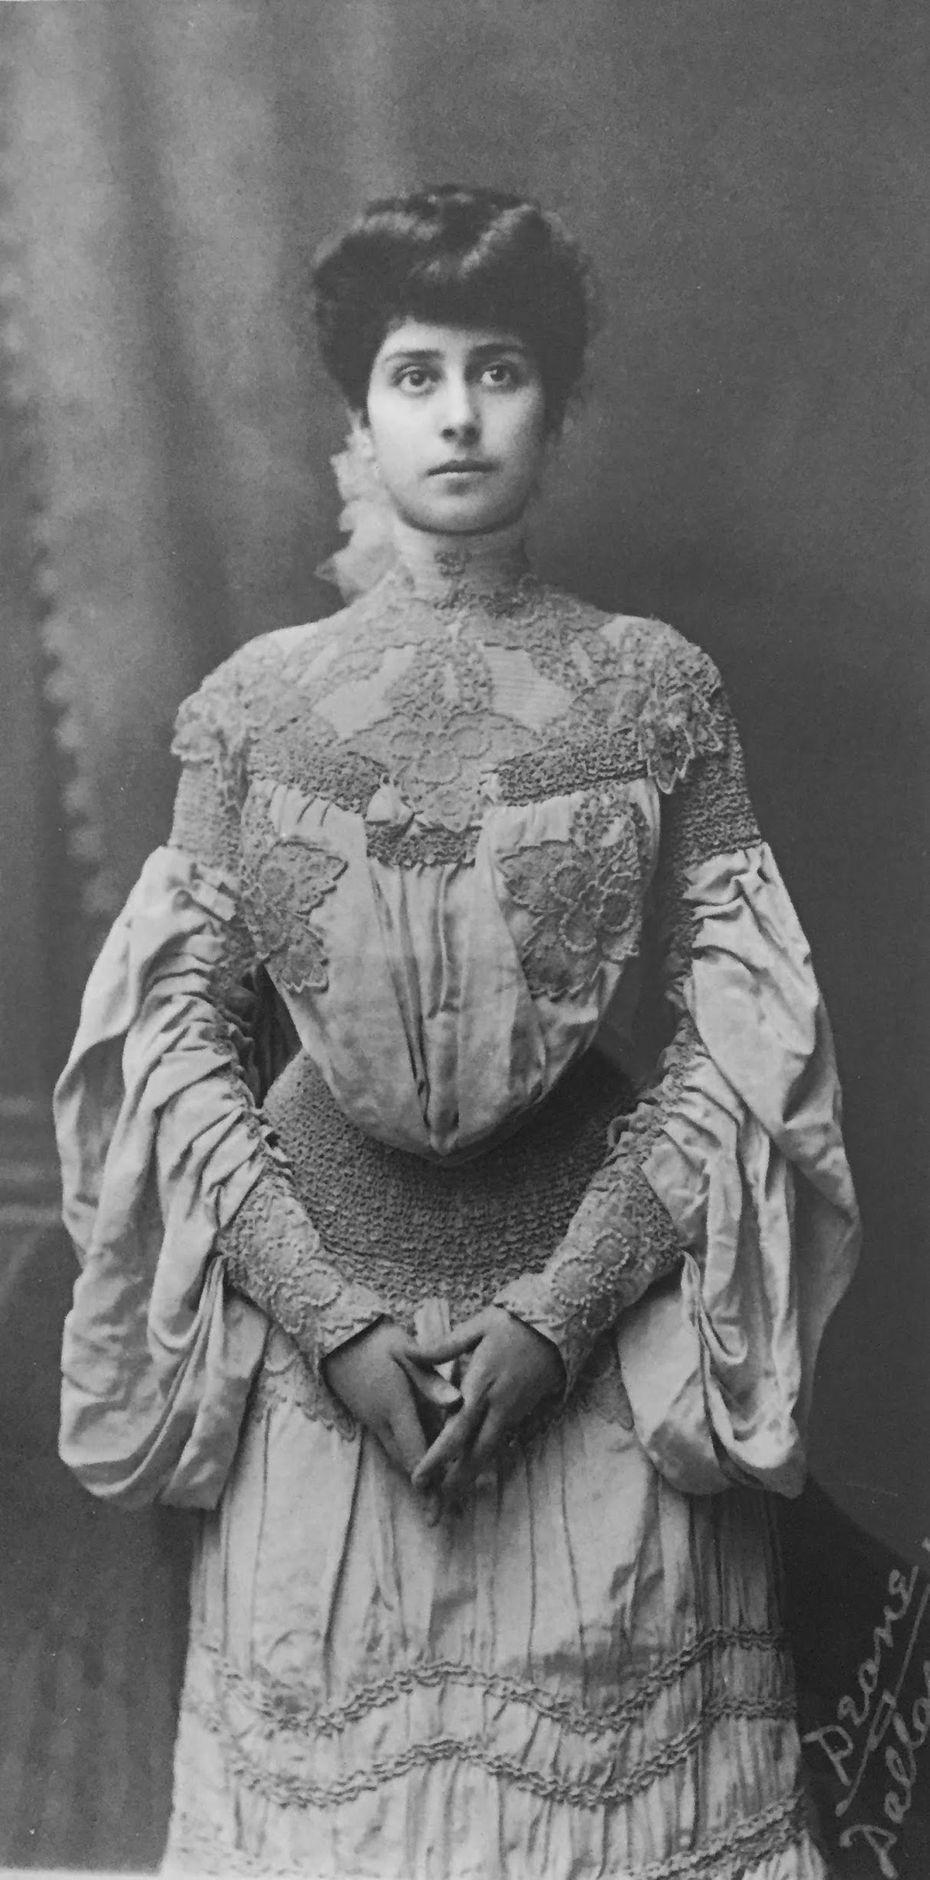 Carrie Marcus Neiman, bridal portrait, 1905.